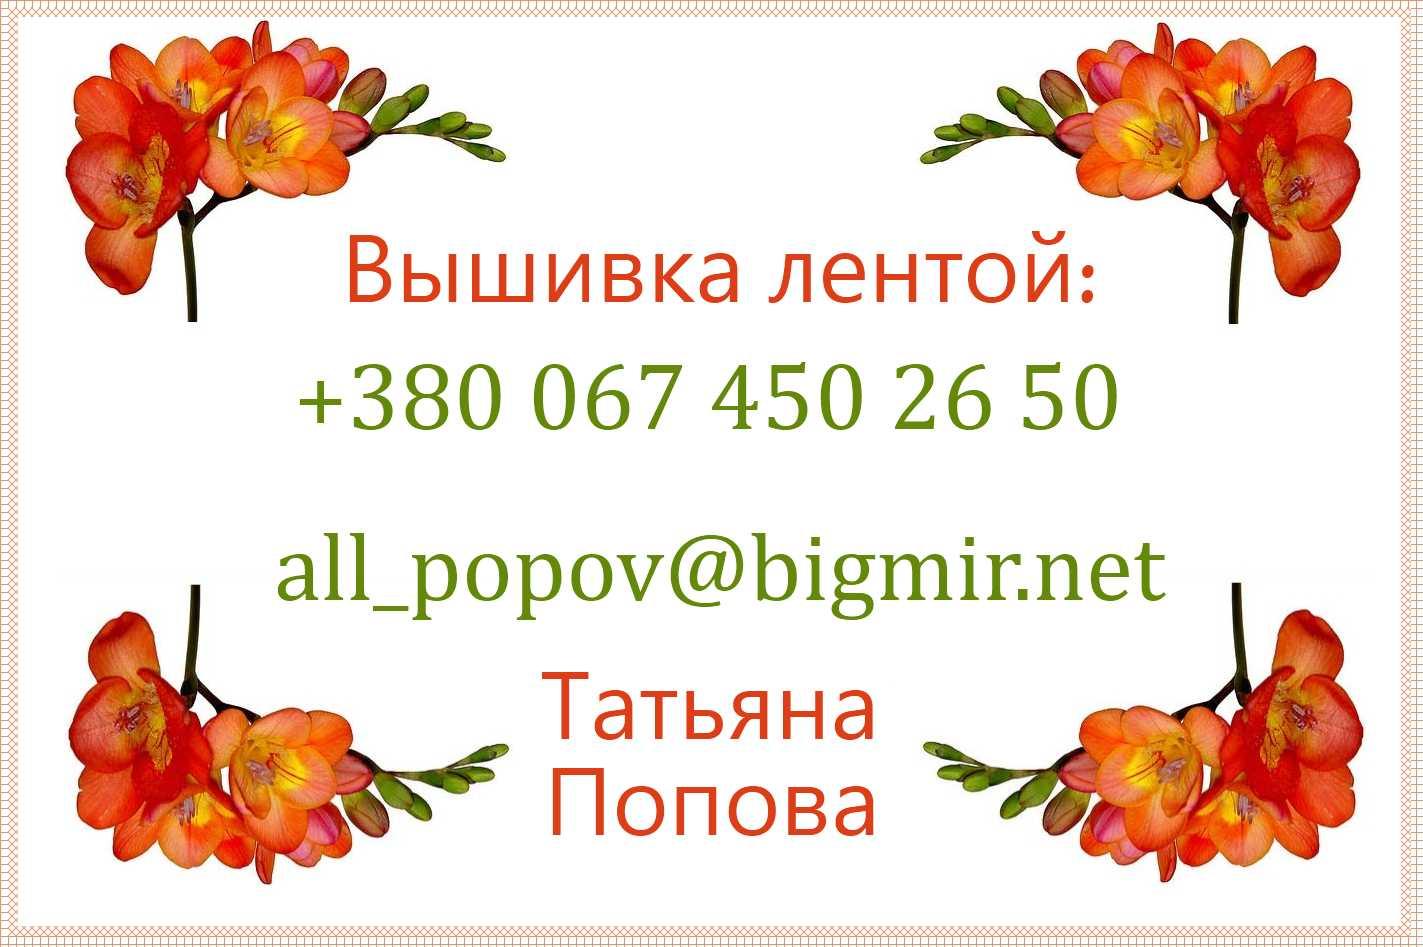 вышивка лентой книга, вышивка лентами курсы Киев, вишивка стрічками, книги по вышивке лентами купить наборы для вышивания лентой